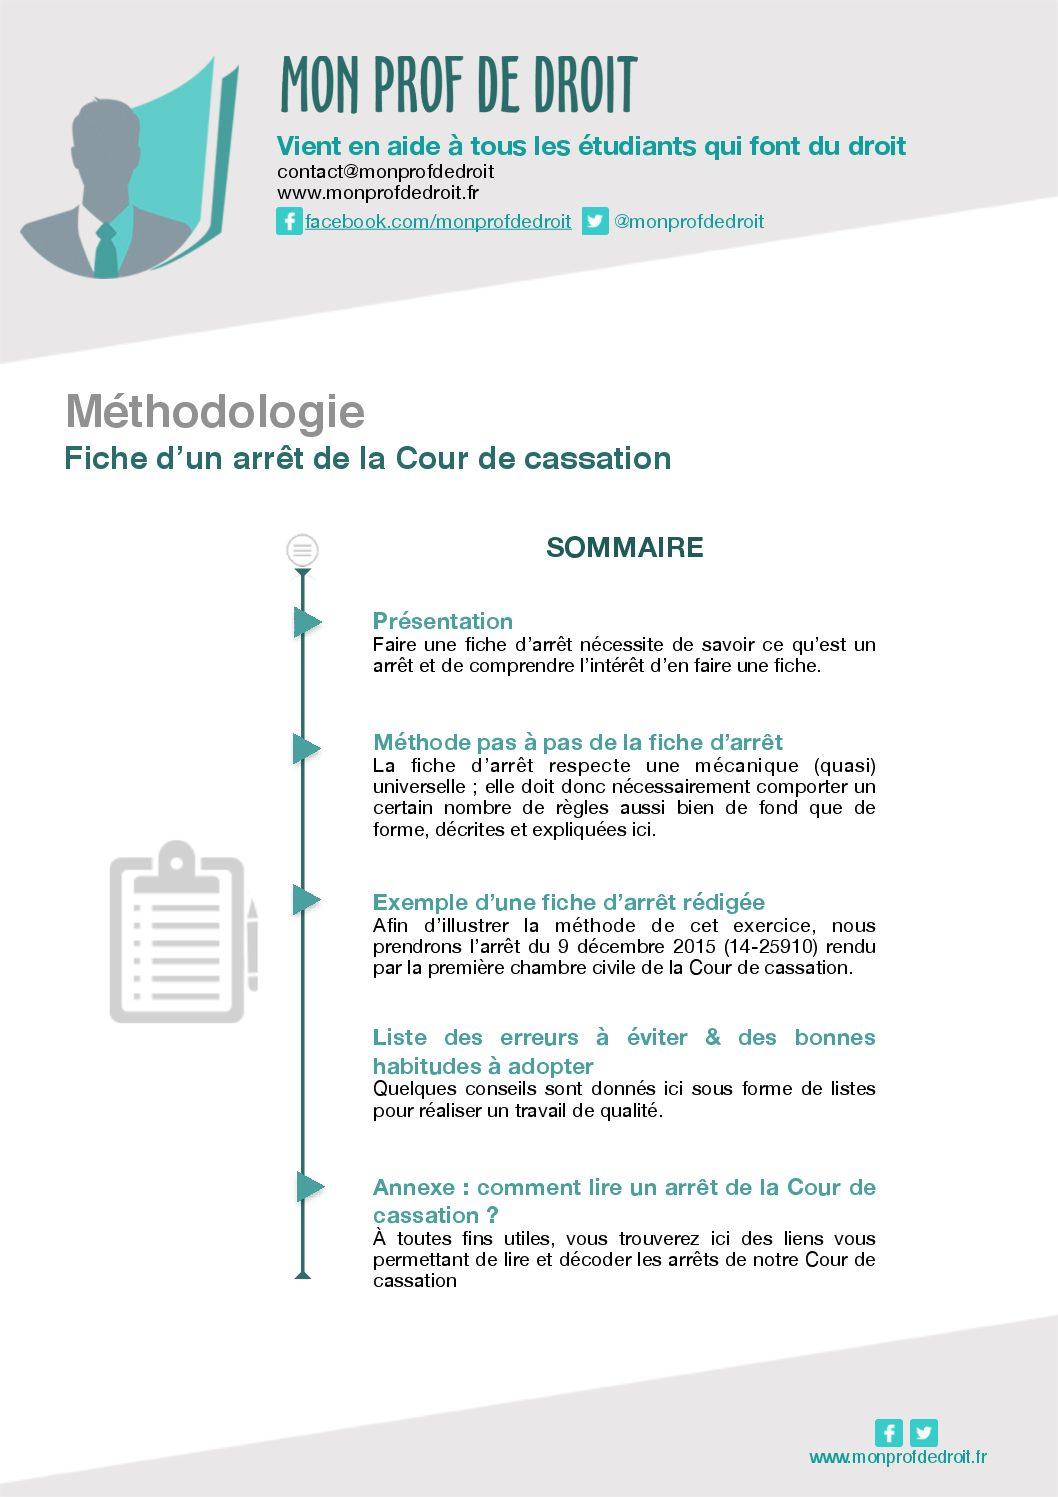 Methode Gratuite De La Fiche D Arret Mon Prof De Droit